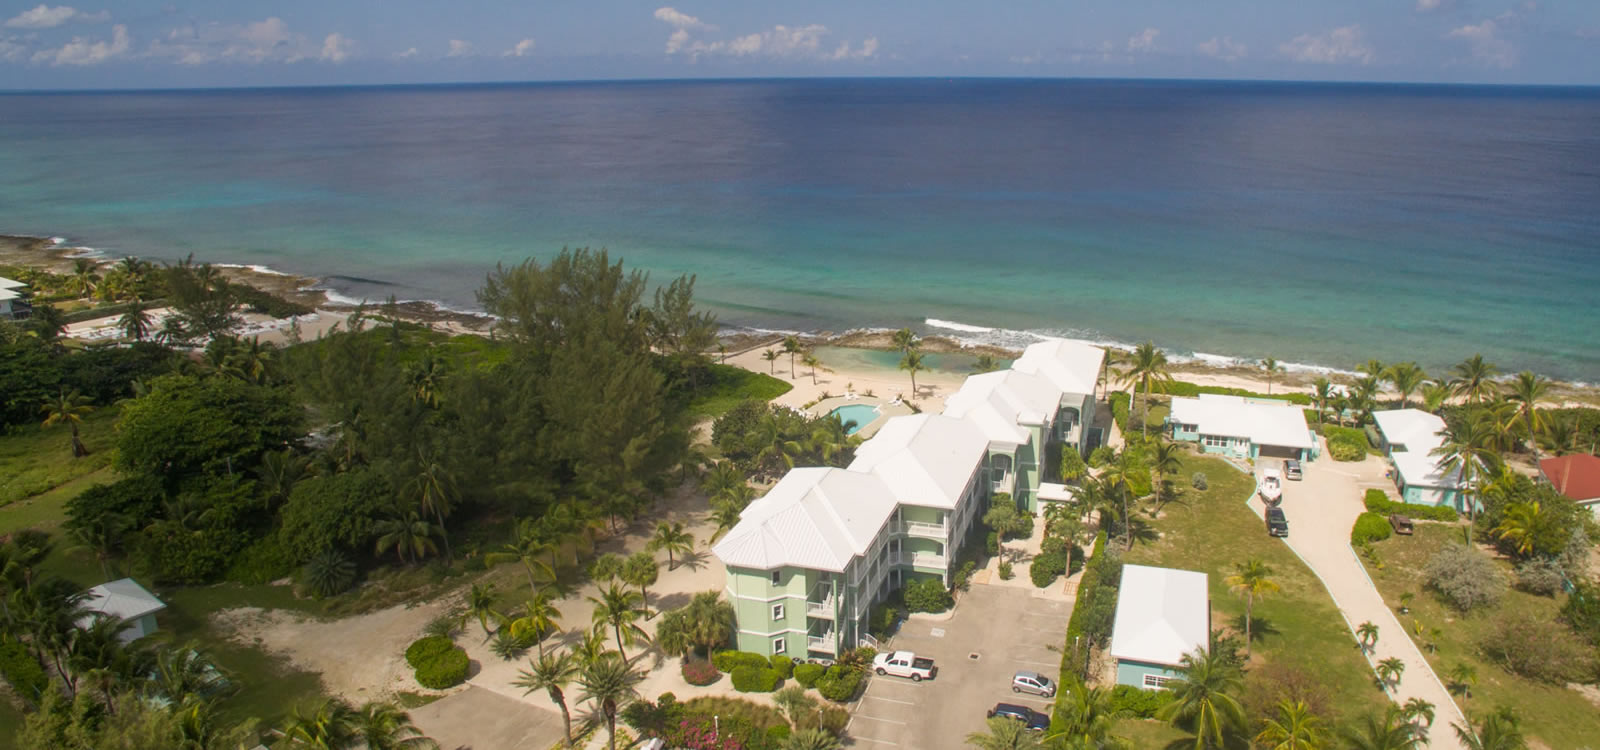 Grand Cayman Island Condo For Sale